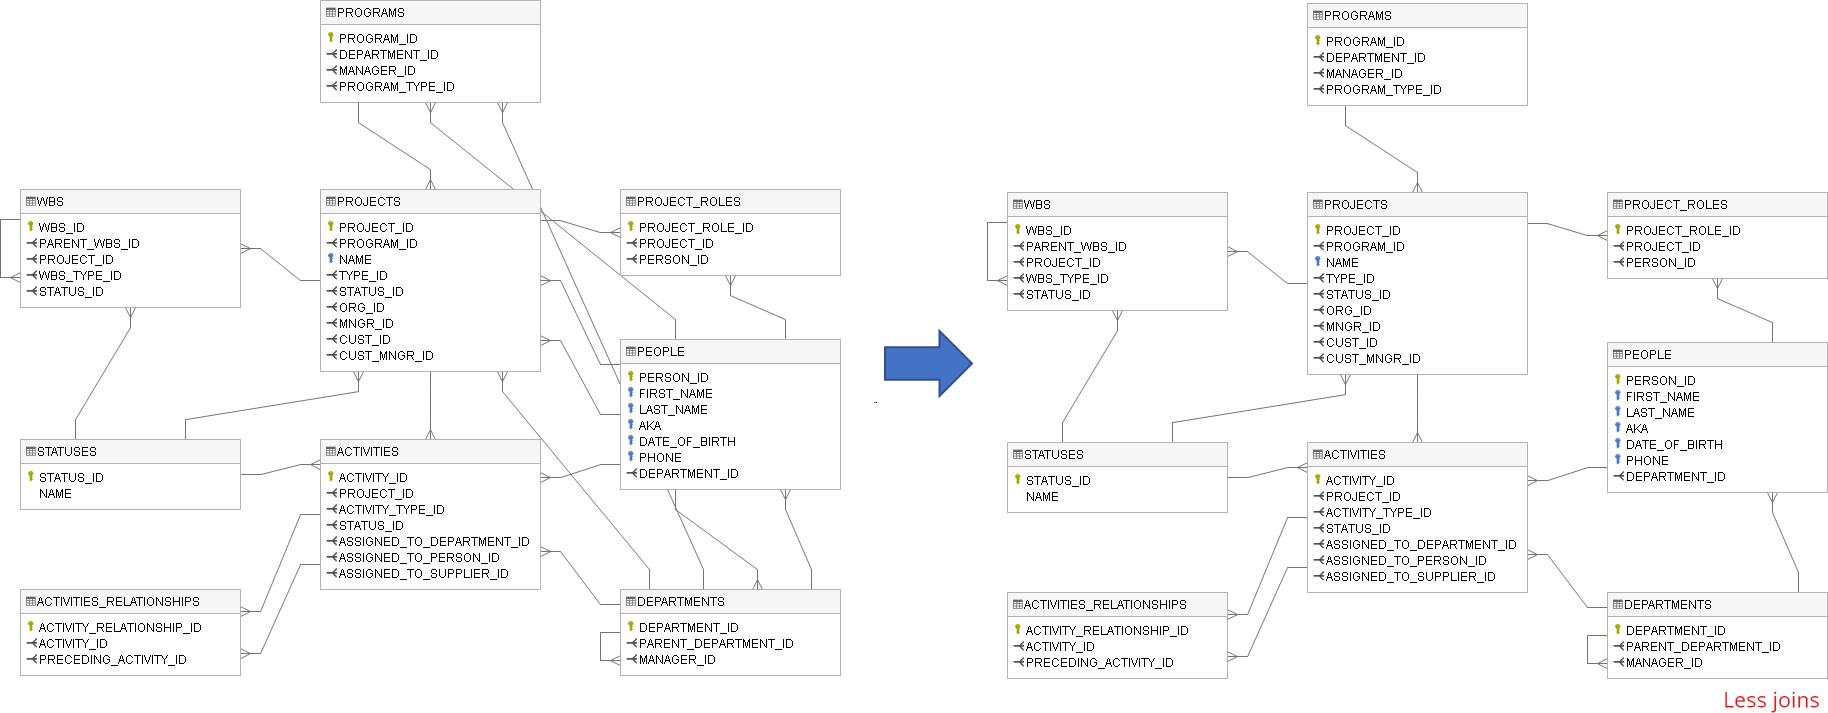 Create Er Diagram For Existing Database - Dataedo Dataedo with regard to Erd Database Design Tutorial